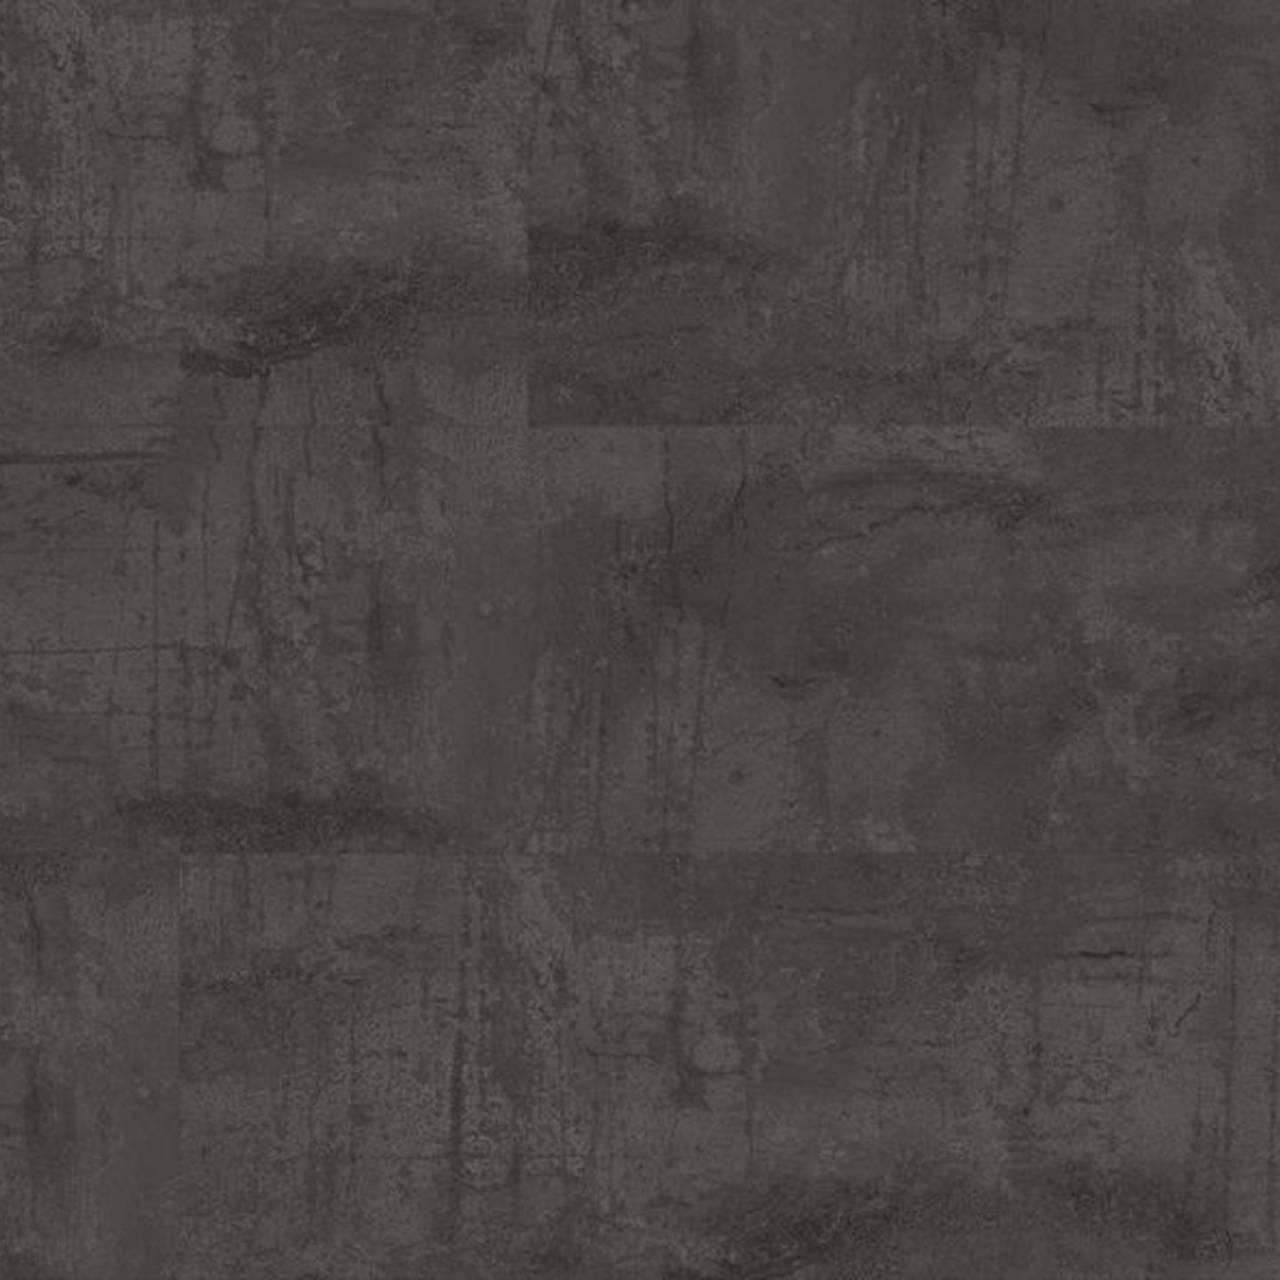 K4399 Metal Rusty Iron Ocean